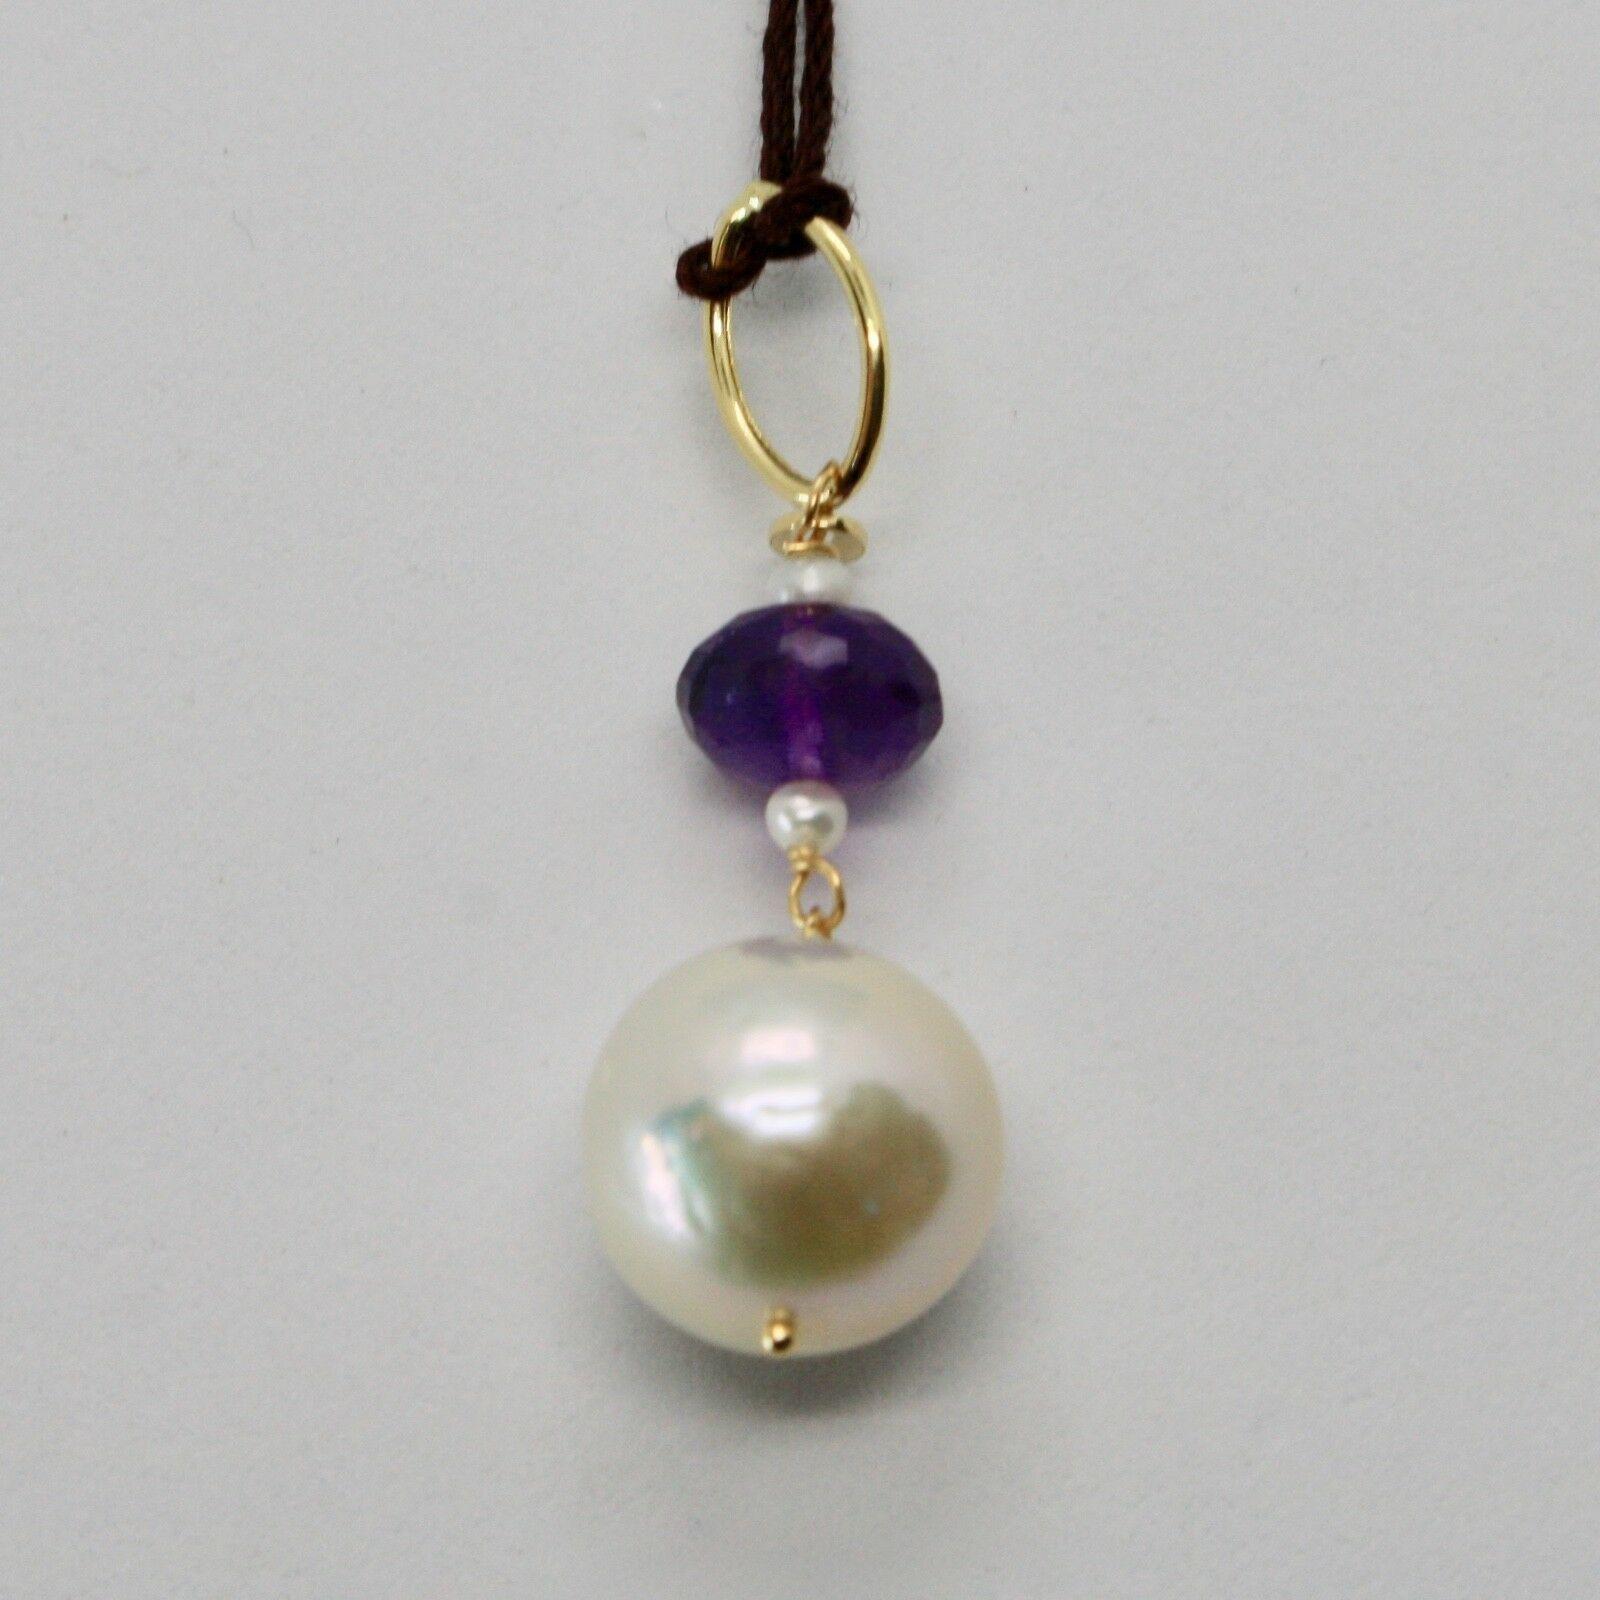 Pendentif en or Jaune 18k 750 avec Perle Blanc de Eau Douce et Améthyste Violet